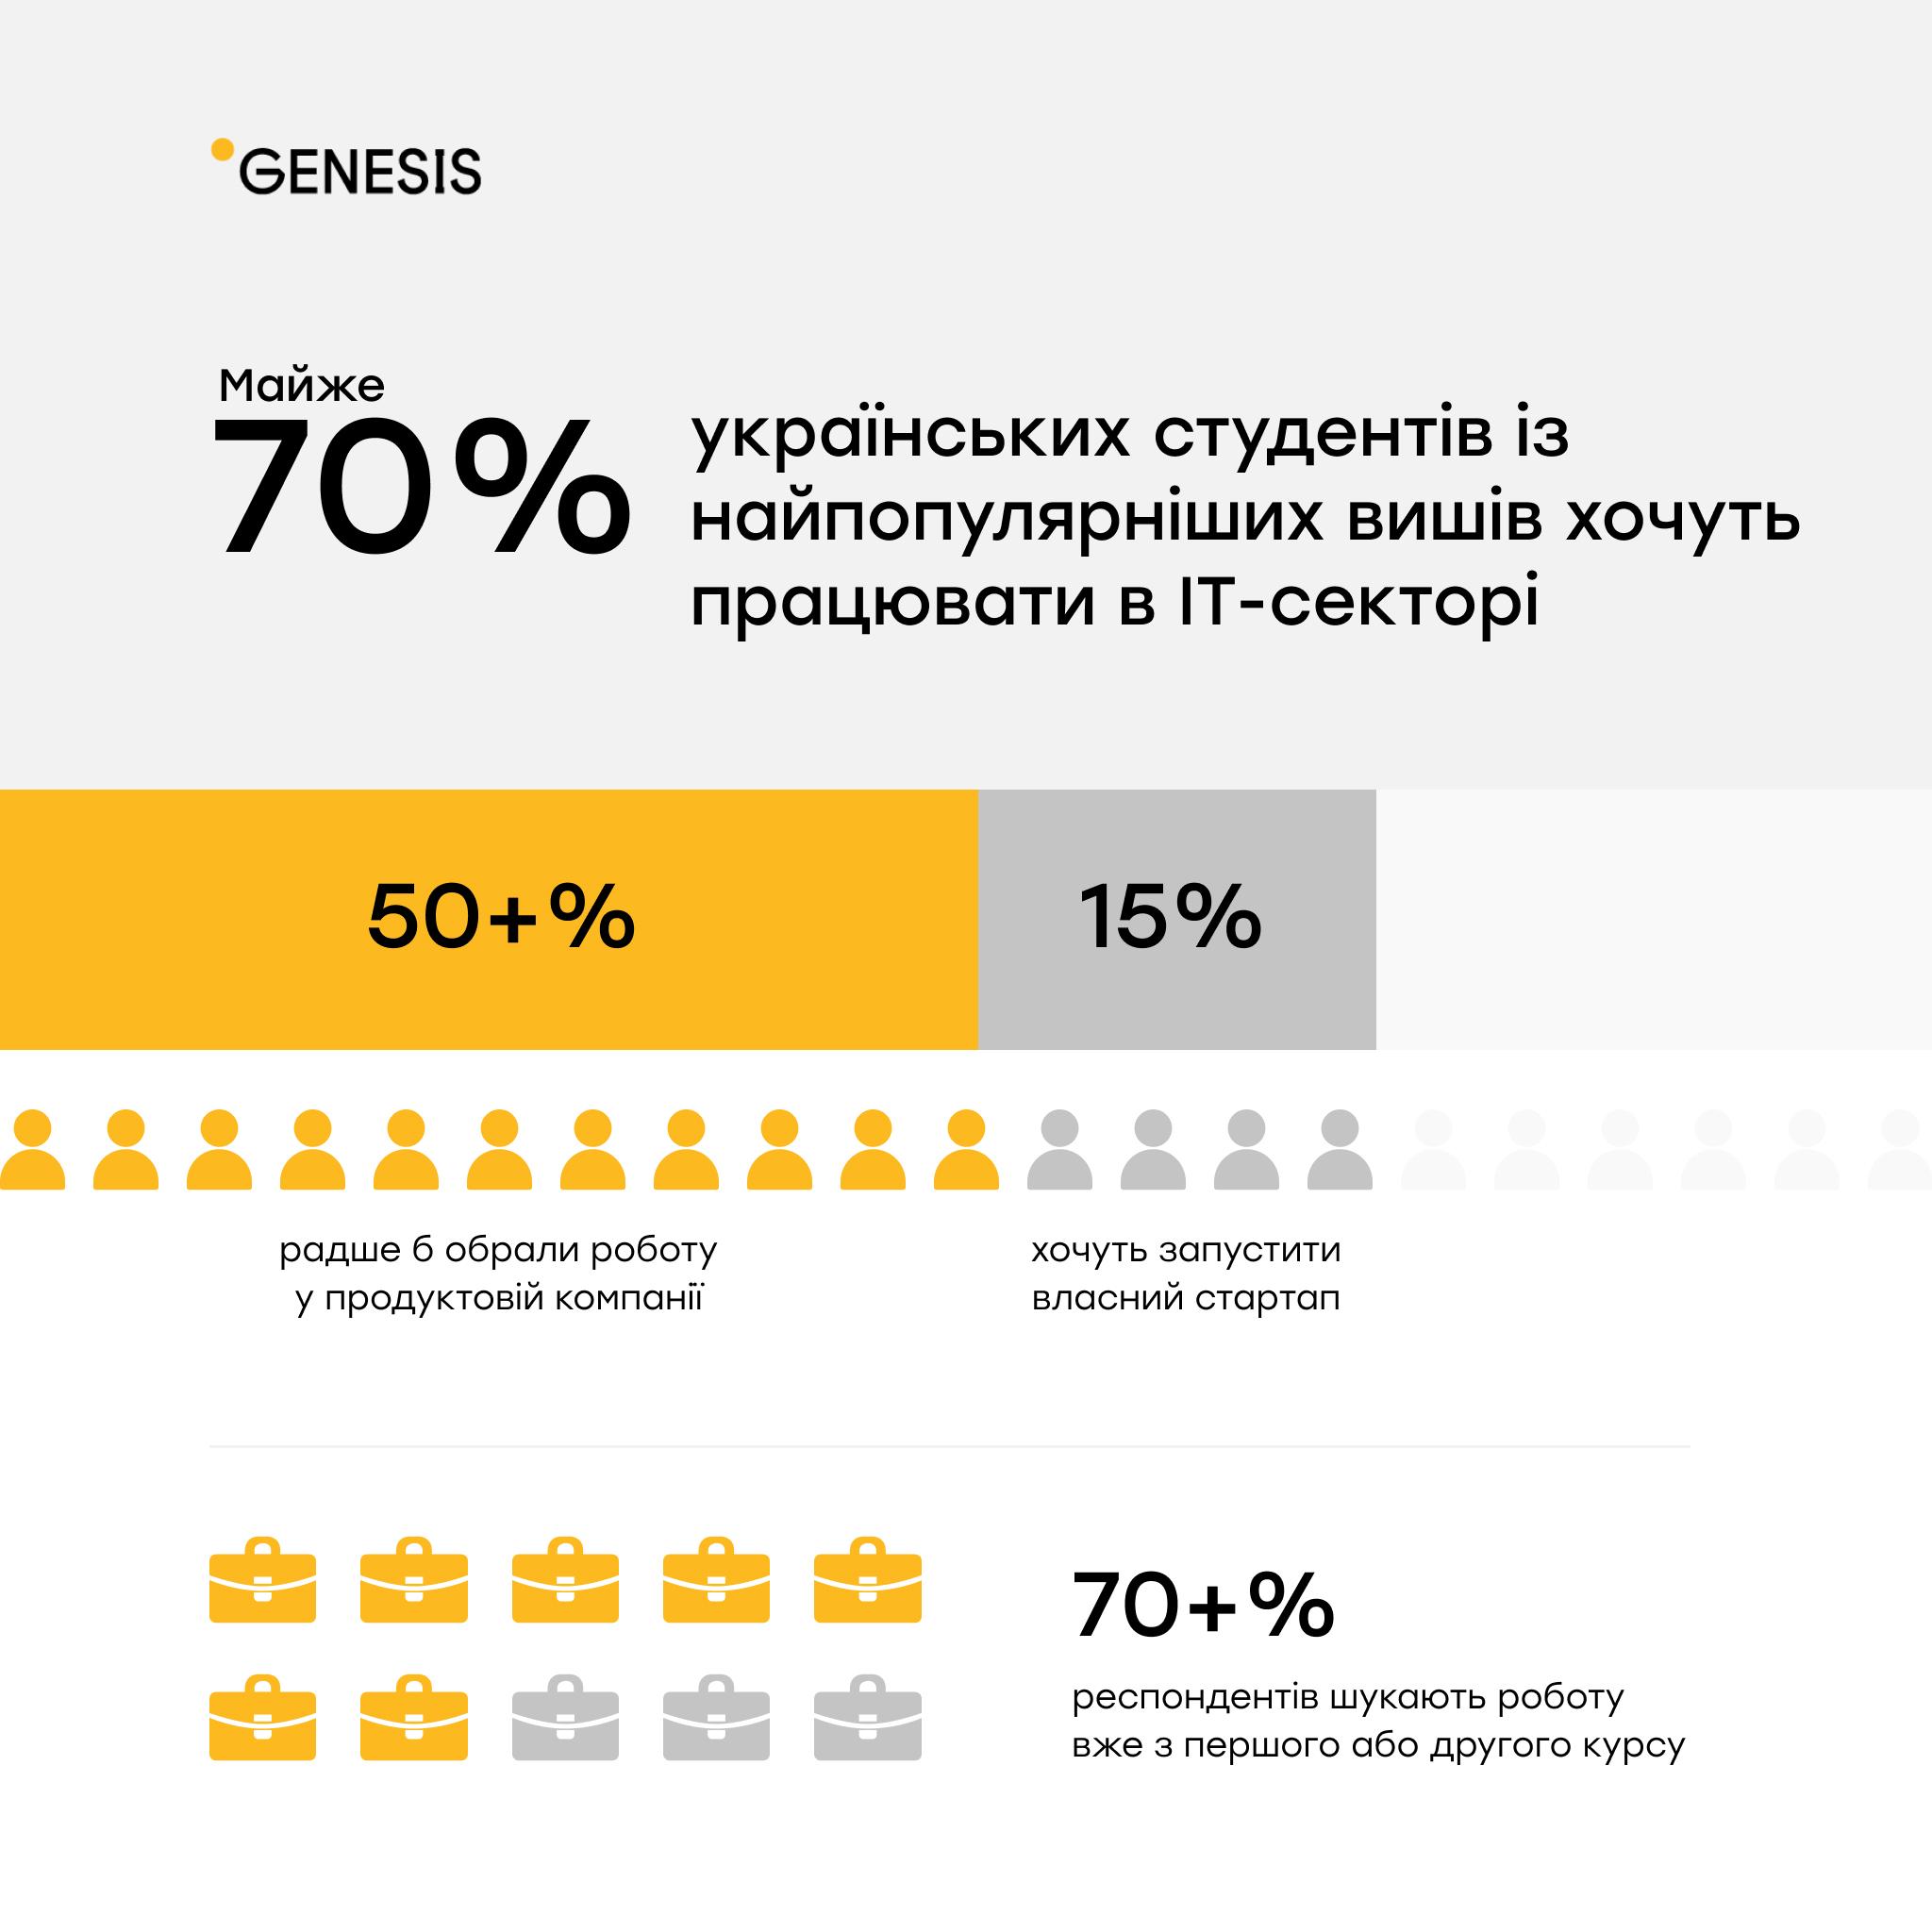 Майже 70% студентів топових українських ЗВО хочуть працювати в ІТ — дослідження Genesis